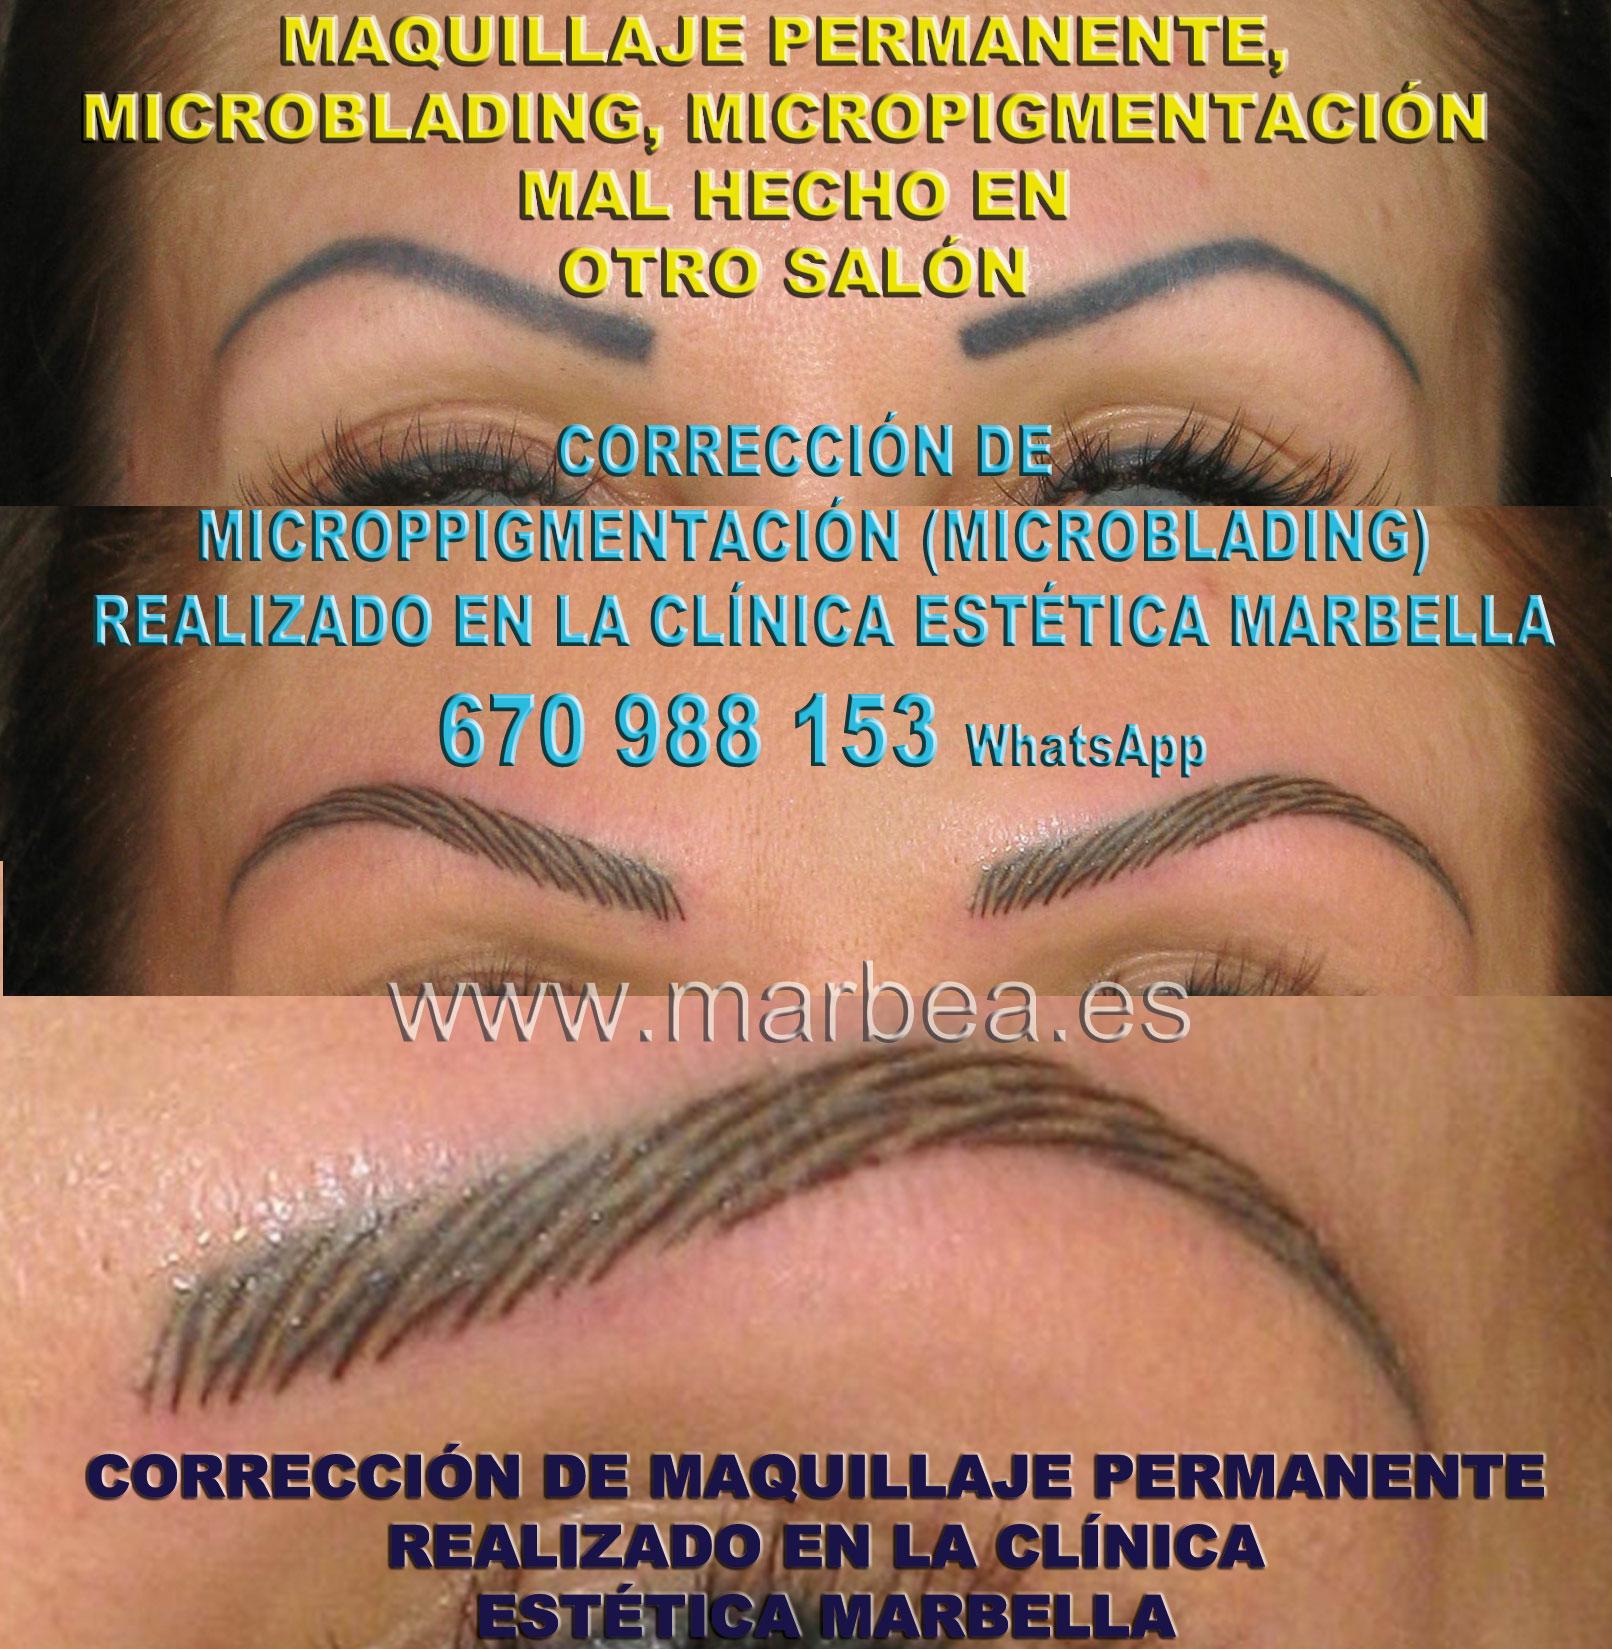 ELIMINAR TATUAJE CEJAS clínica estética maquillaje permanete propone corrección de micropigmentación en cejas,corregir micropigmentación mal hecha